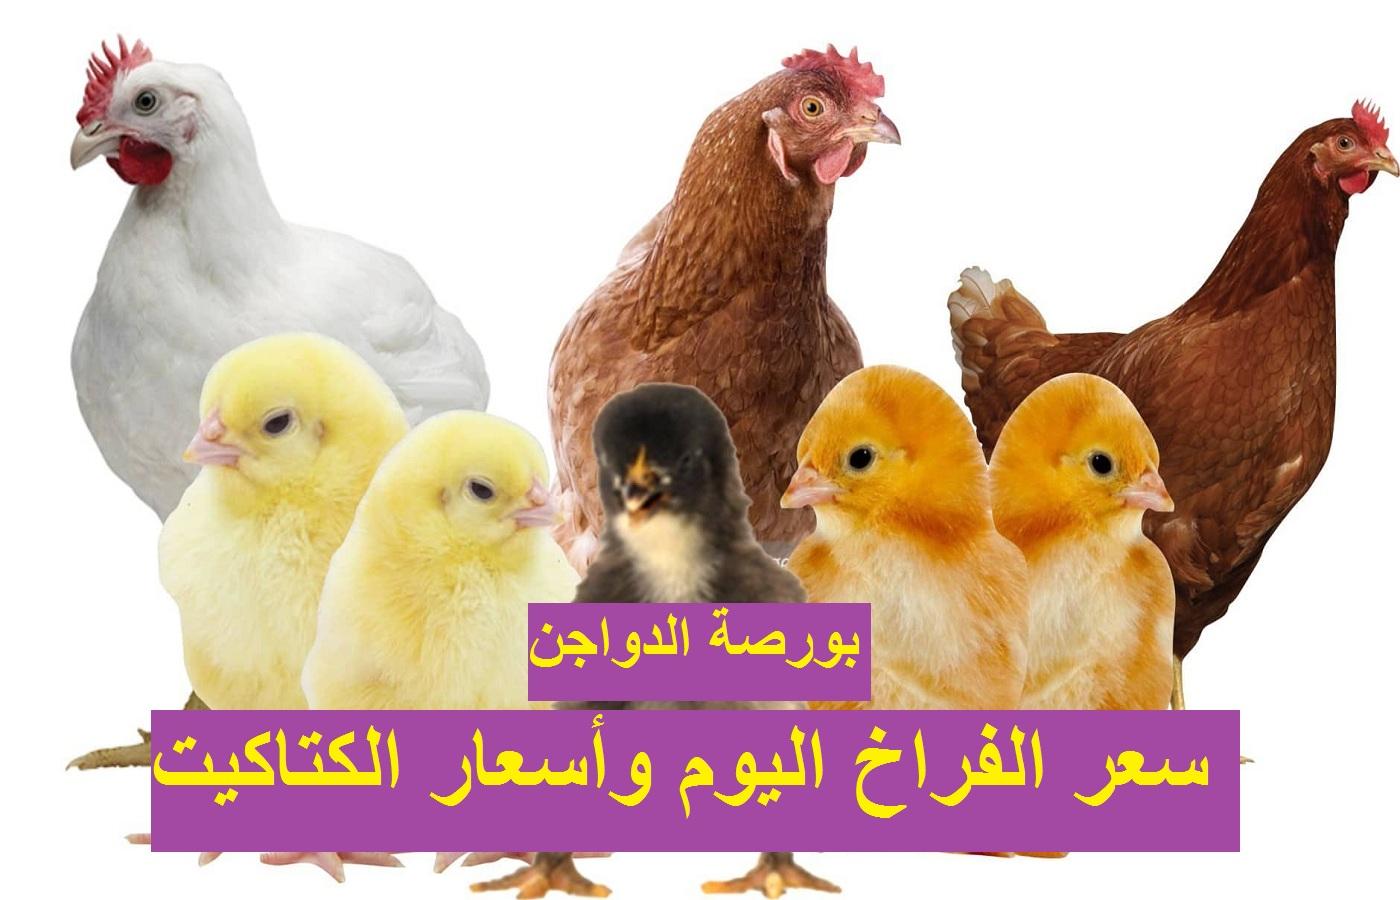 أسعار اليوم السبت 12 يونيو.. سعر السمك والفراخ والكتاكيت والذهب والدولار 6